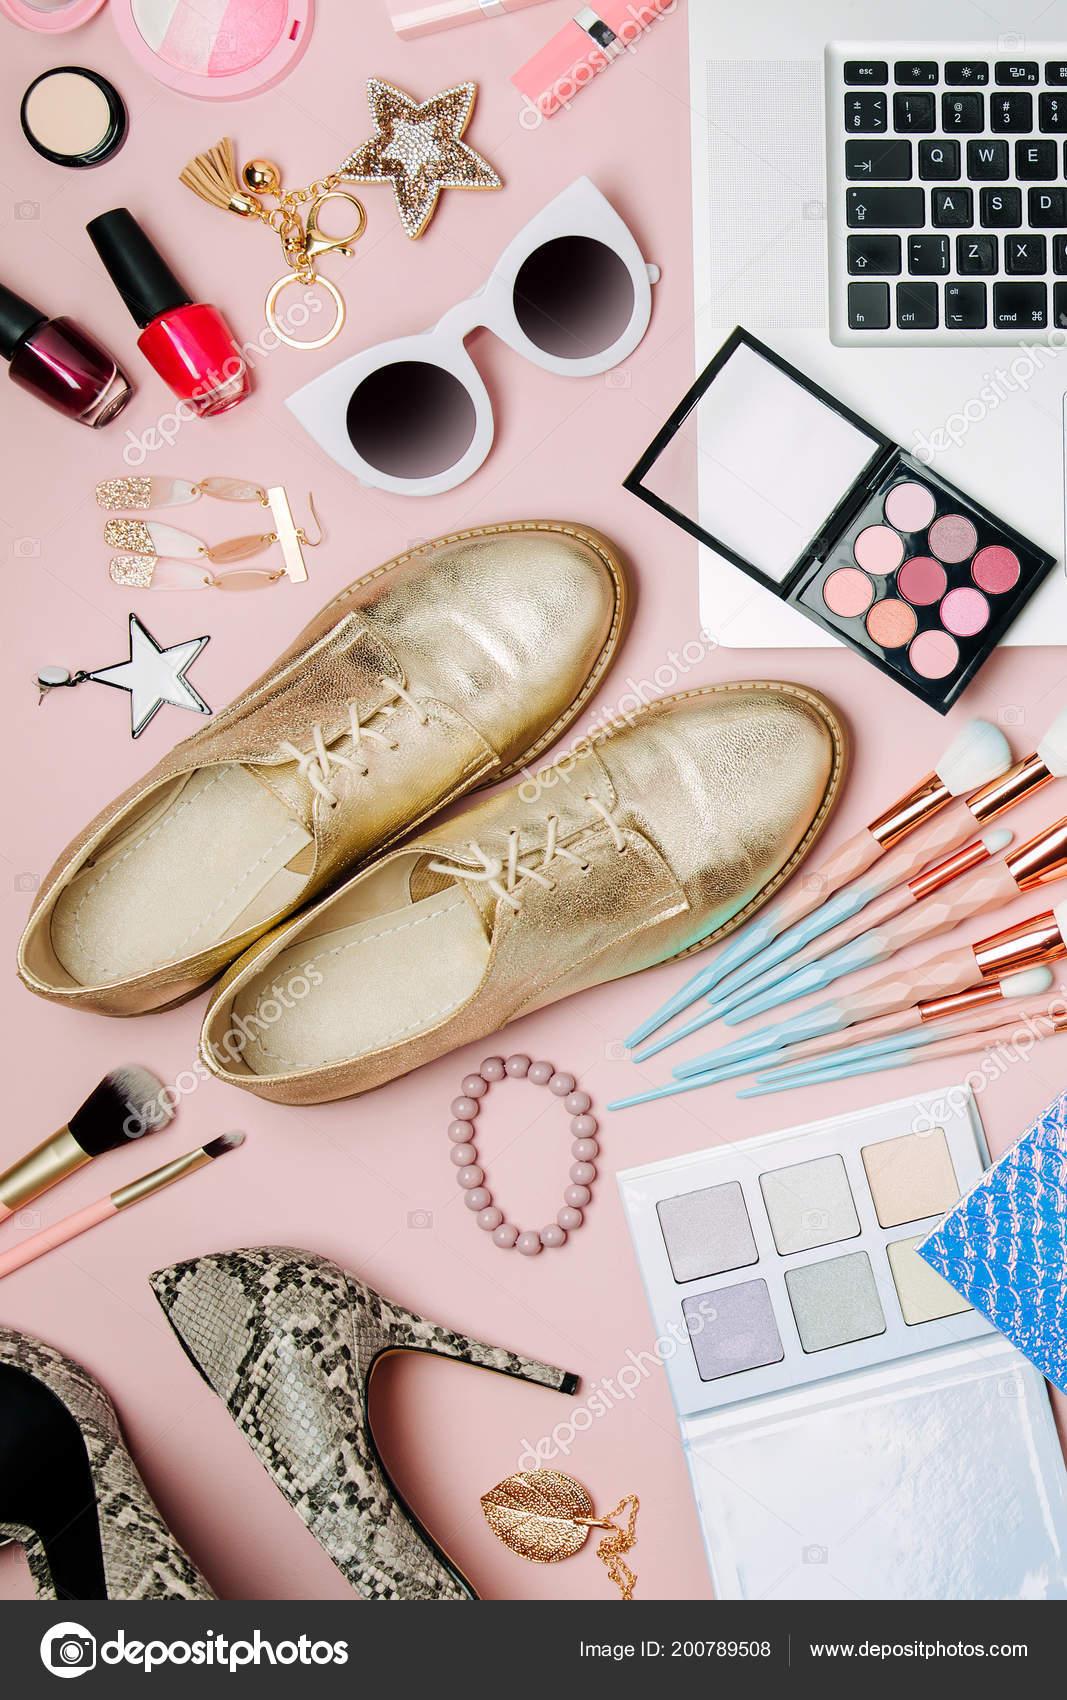 814fceb7d23 Espacio de trabajo de blogger moda con productos cosméticos accesorios